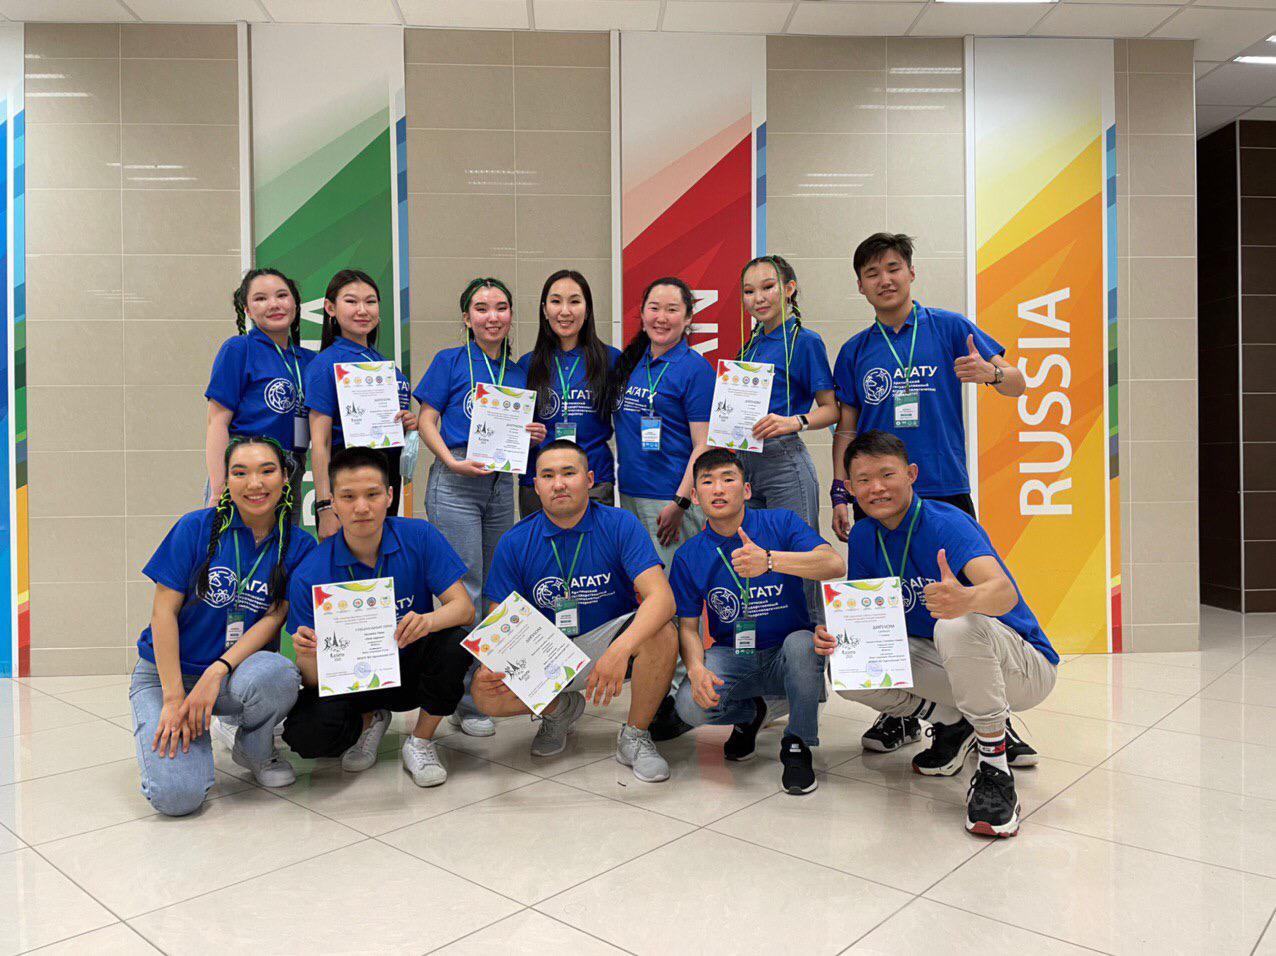 Студенты АГАТУ стали лауреатами Всероссийского фестиваля